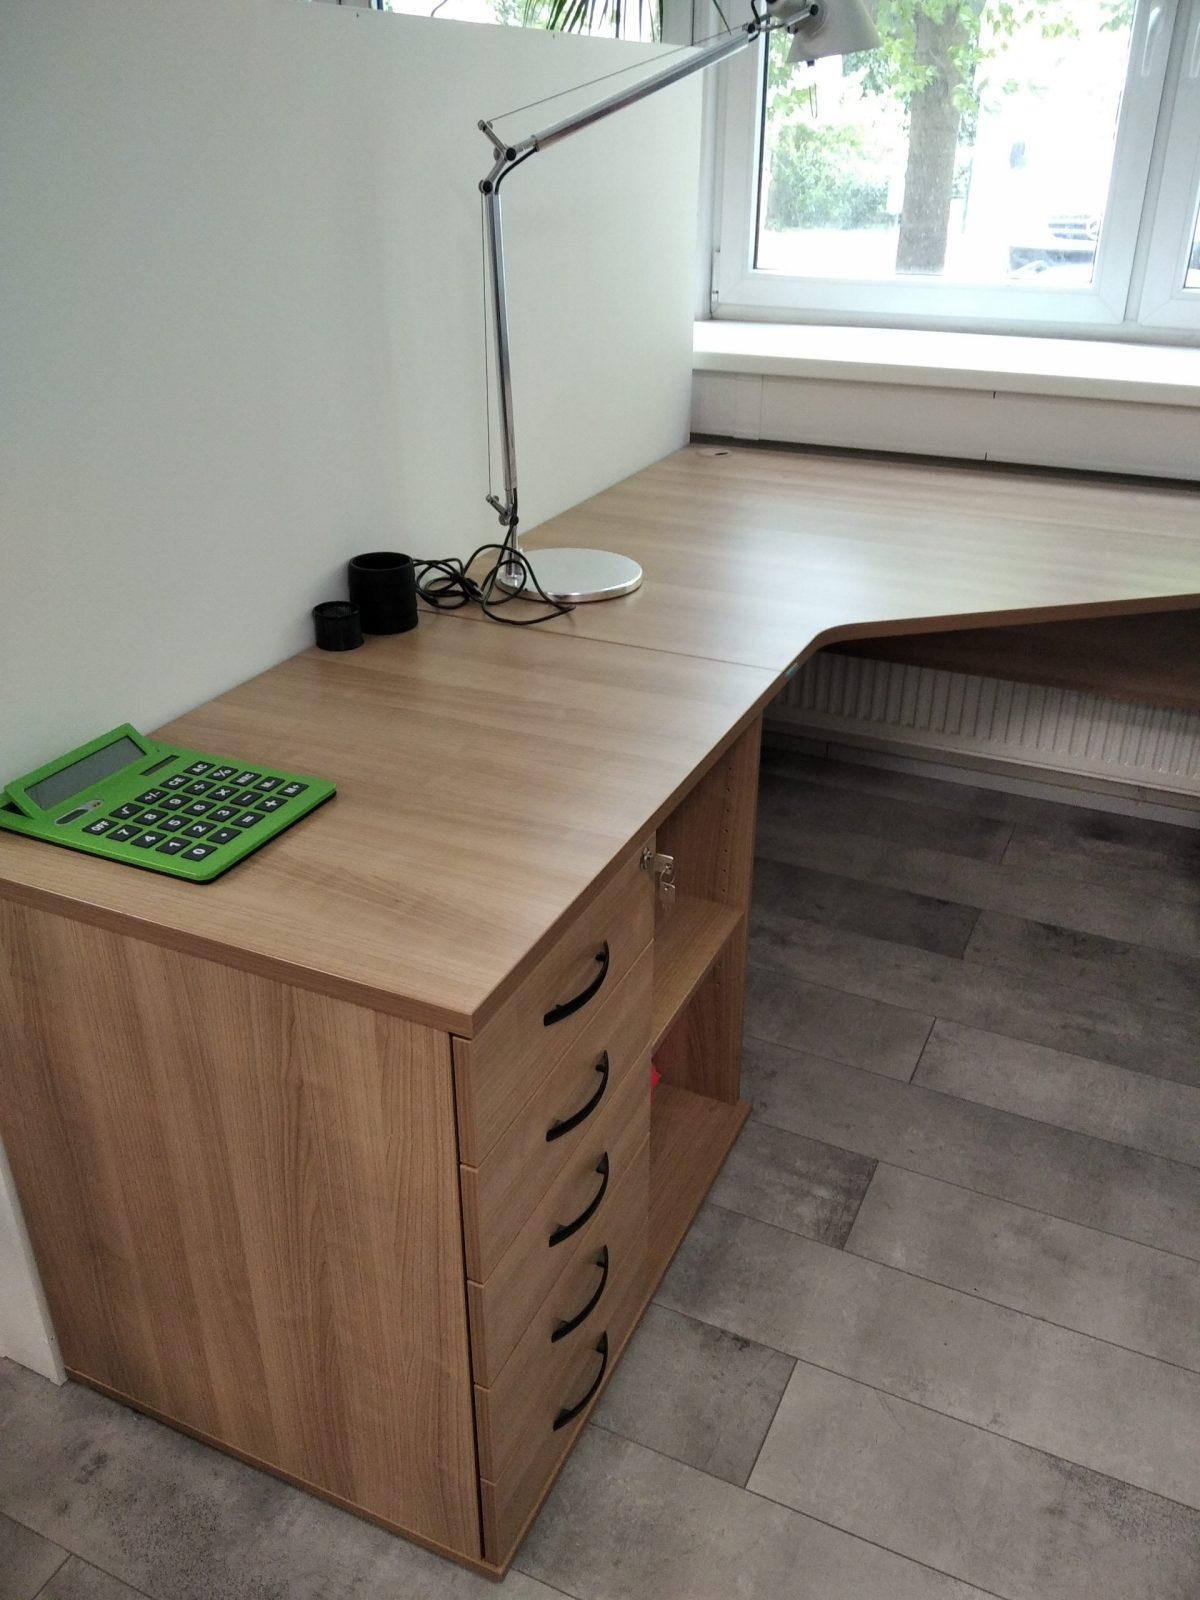 IMG 20210521 141206 1 scaled - Delso - dětský, kancelářský a bytový nábytek